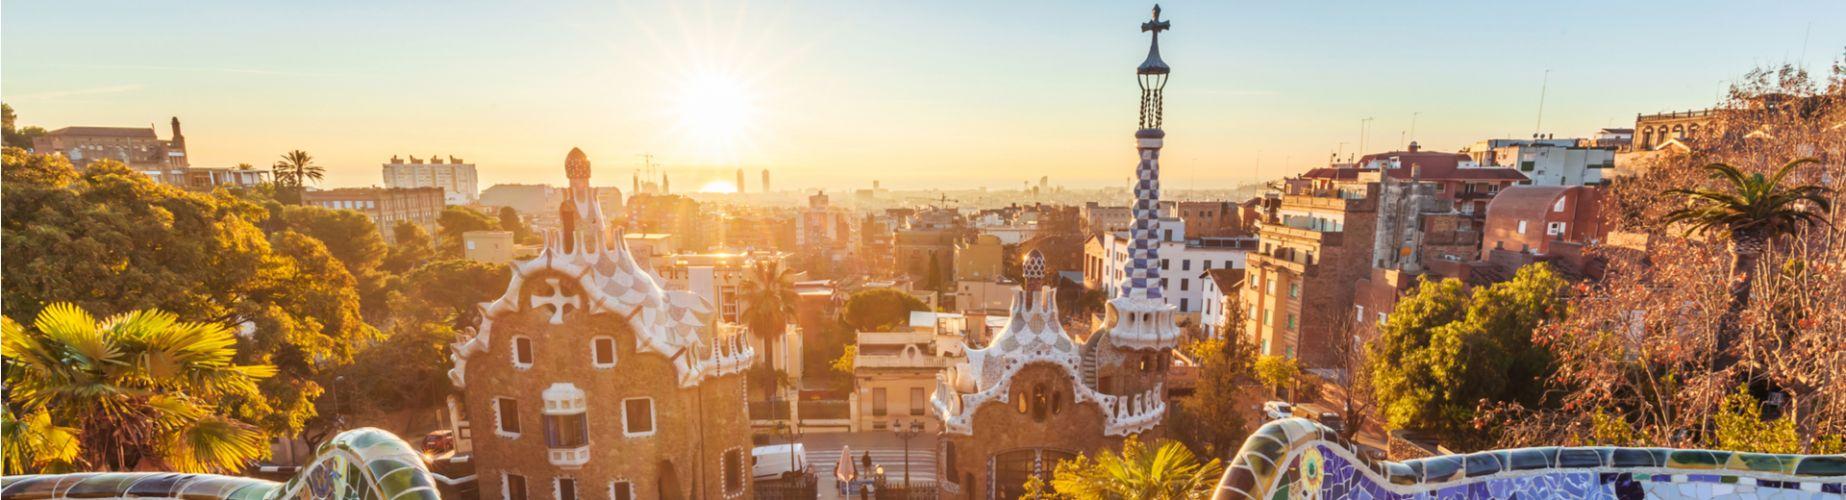 ¡Hola Barcelona! Ab in die katalonische Hauptstadt!